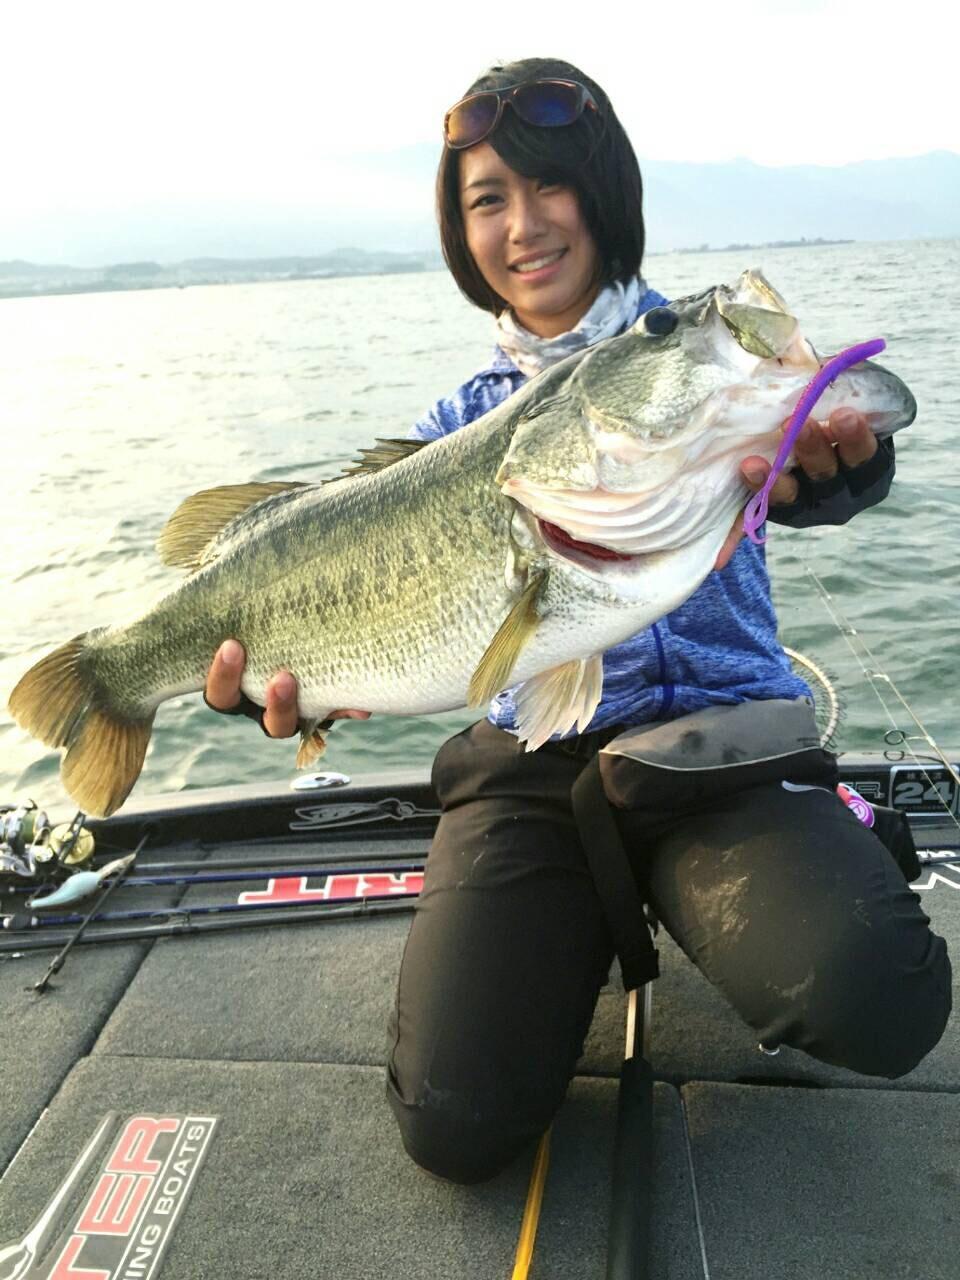 琵琶湖にてドライブカーリーで3,500gのロクマルがキャッチされました!